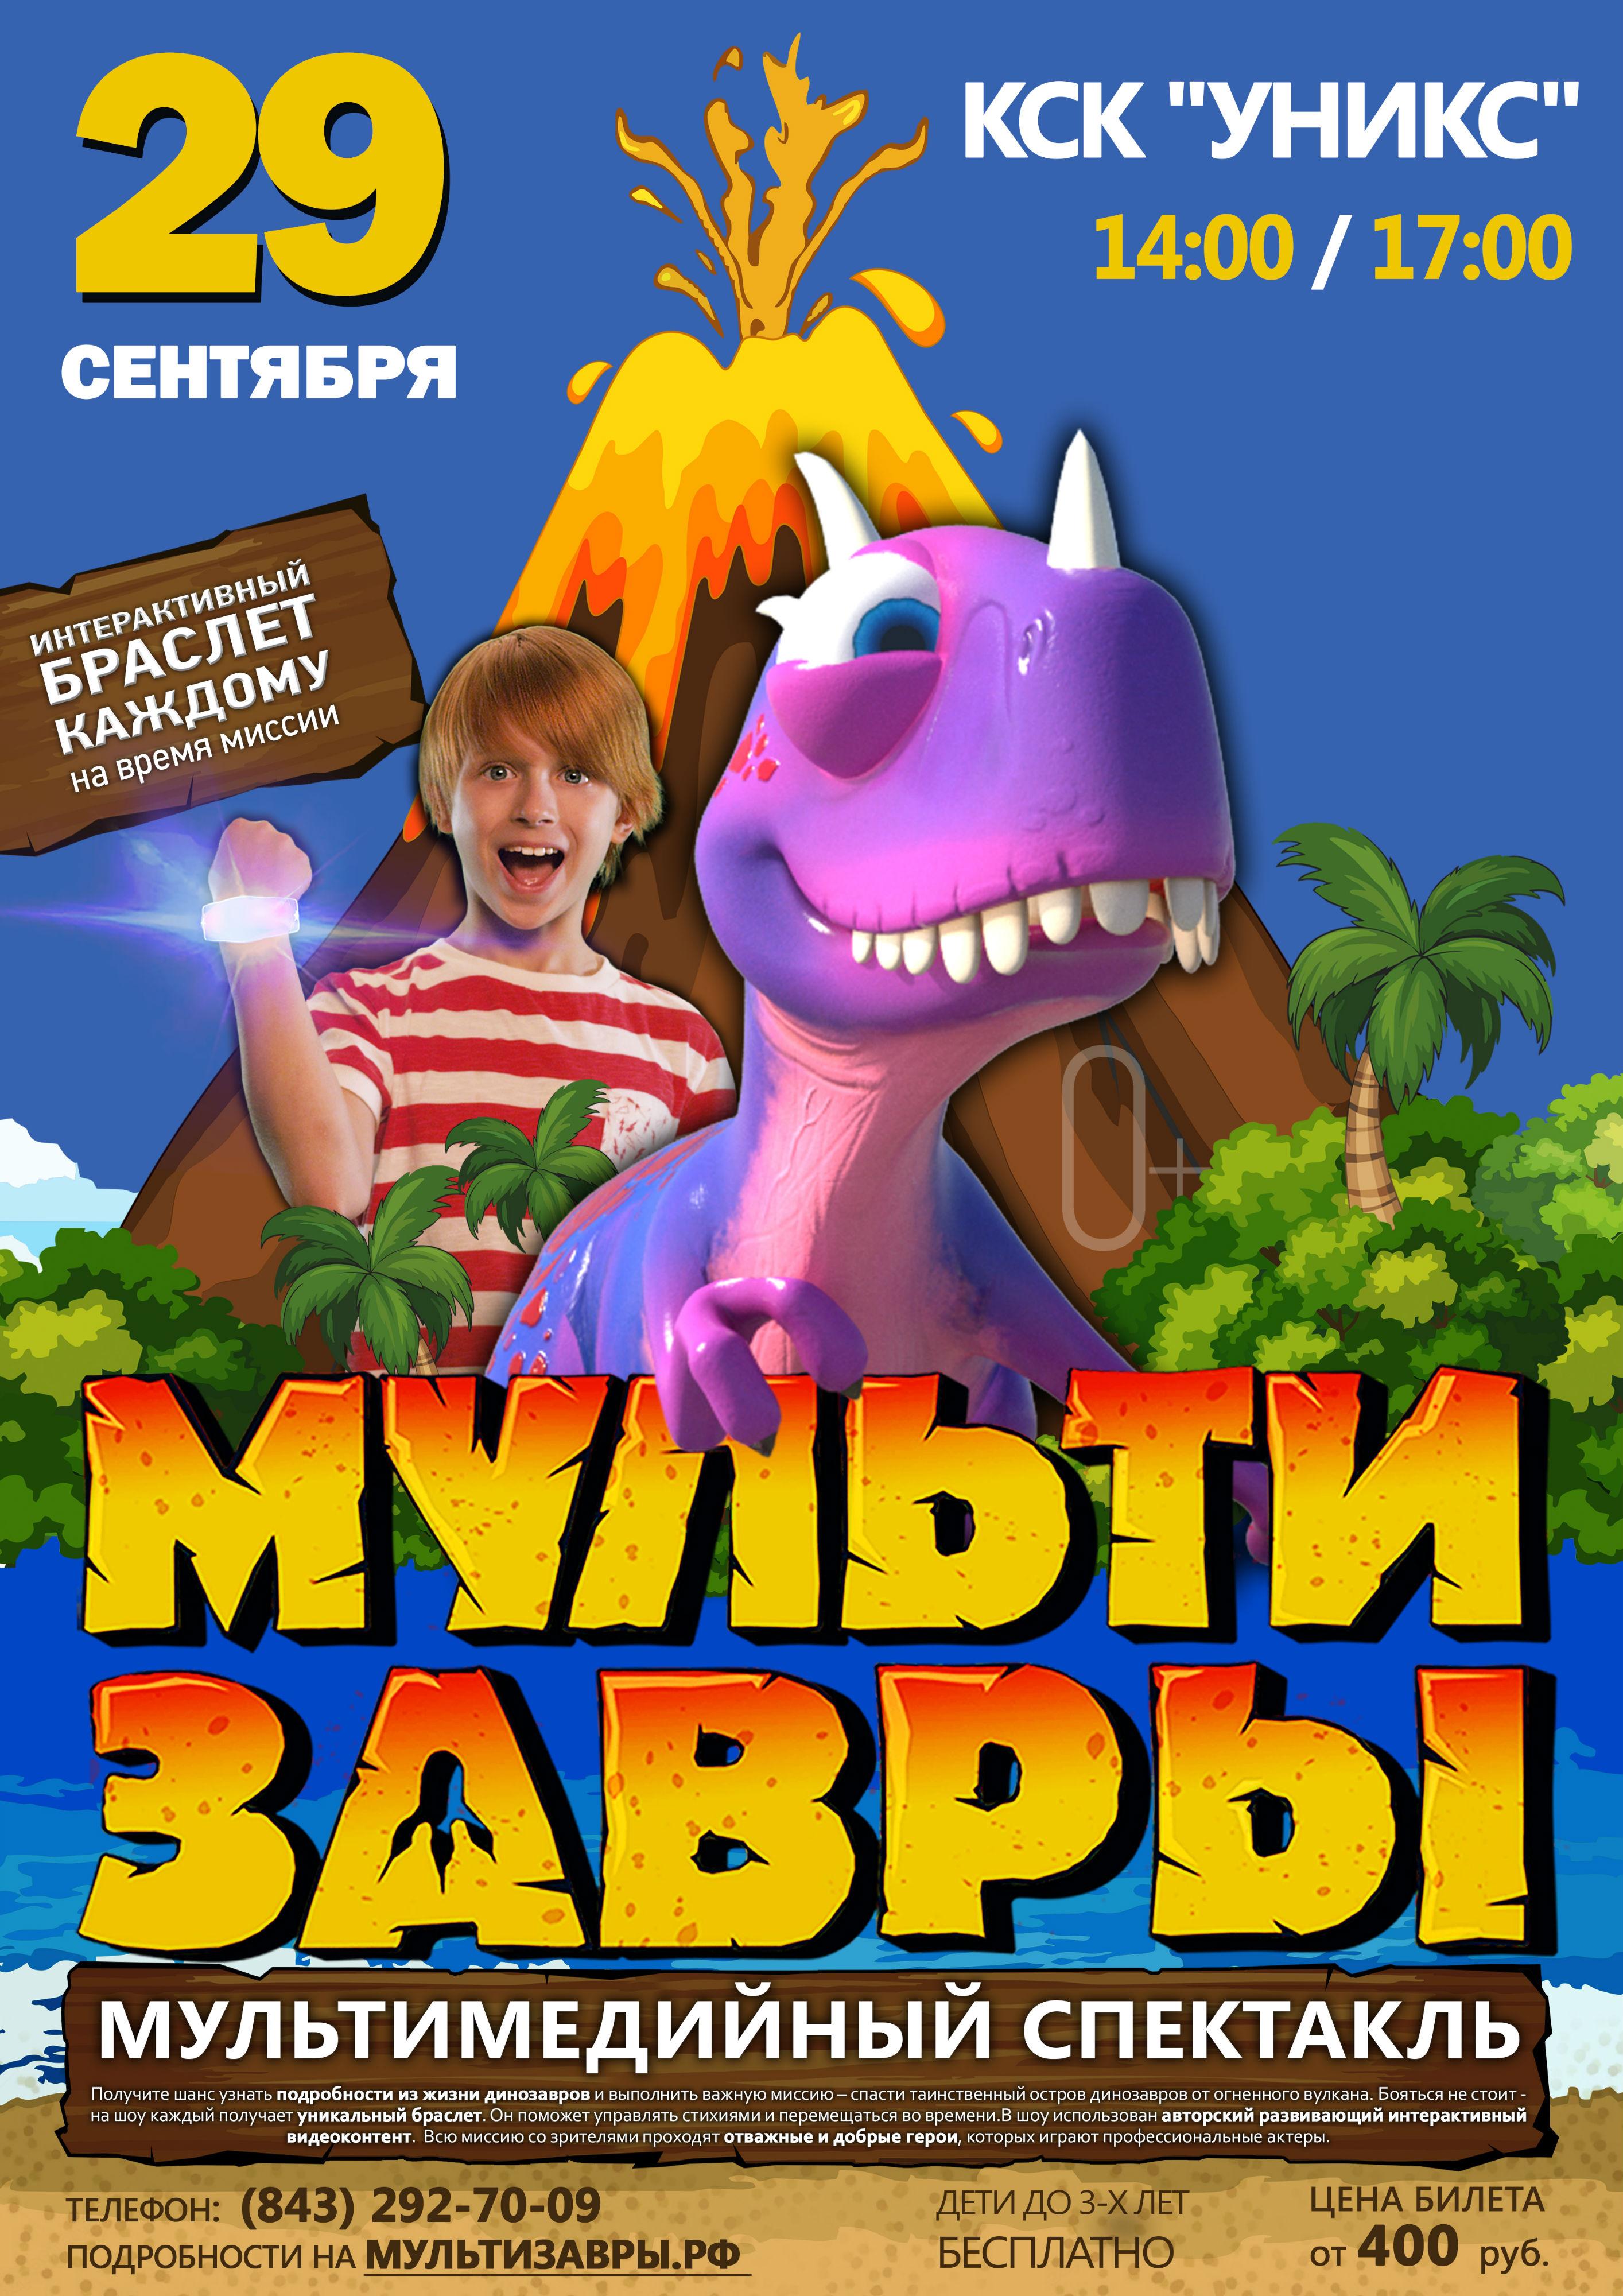 У жителей Казани появилась возможность встретиться с динозаврами